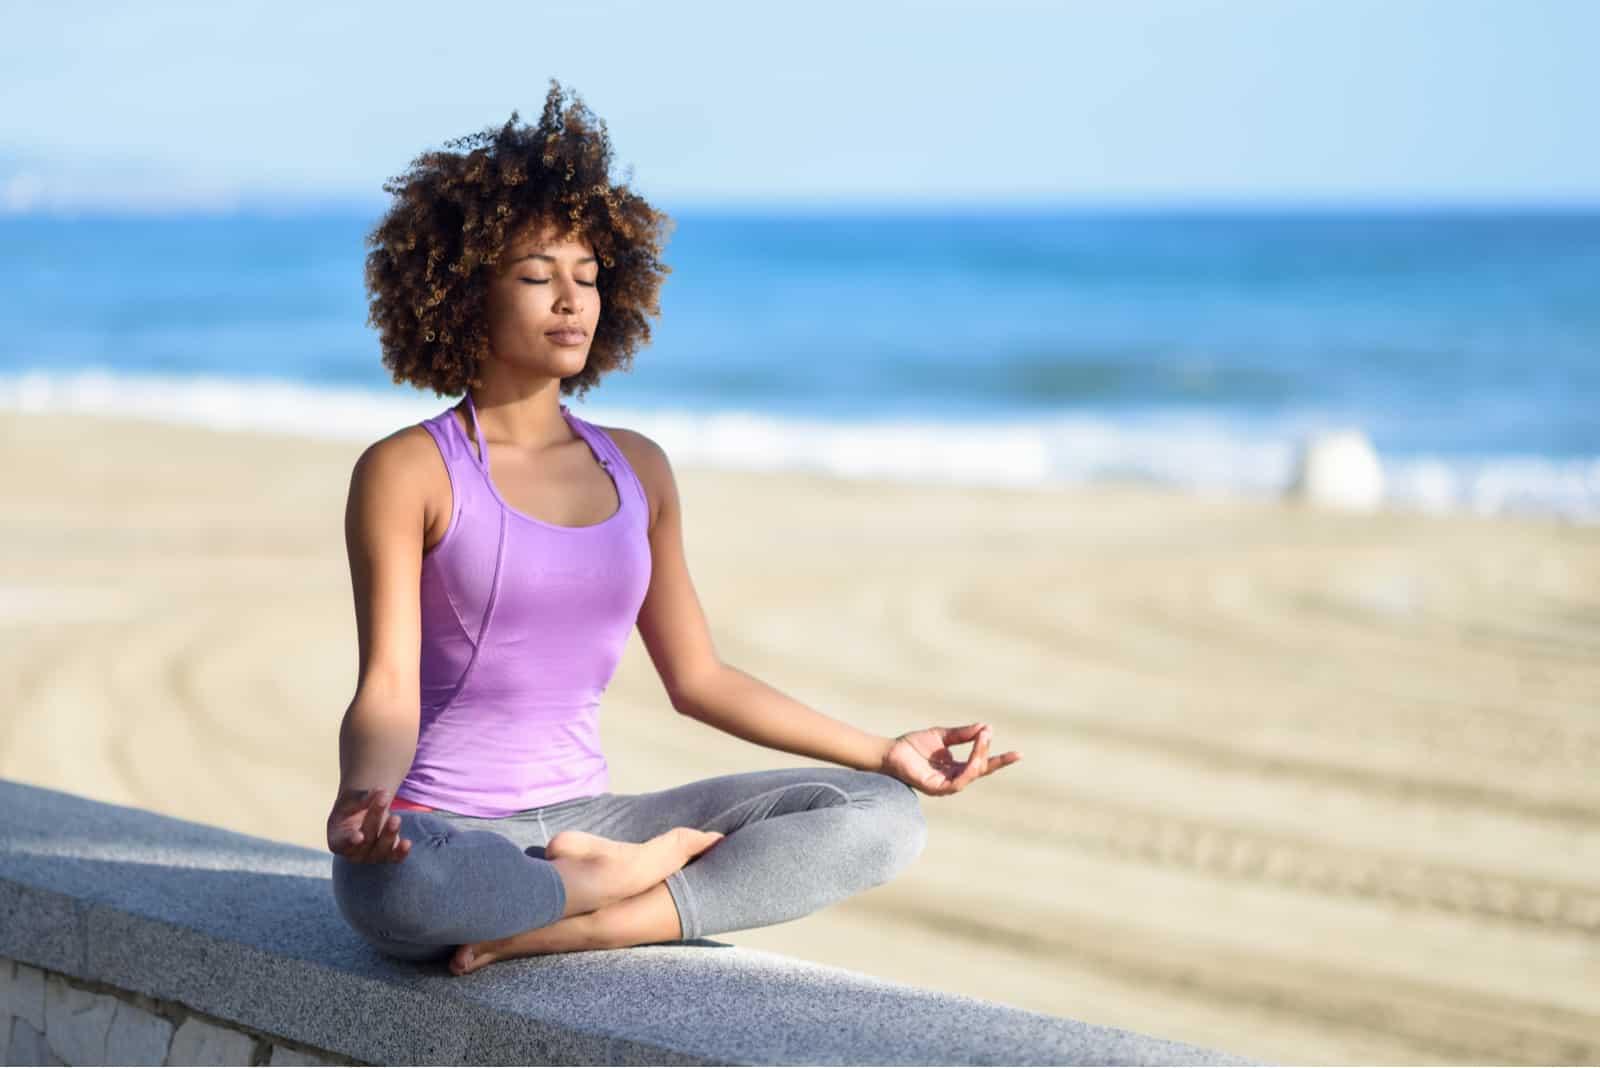 jeune femme médite en plein air au bord de la plage